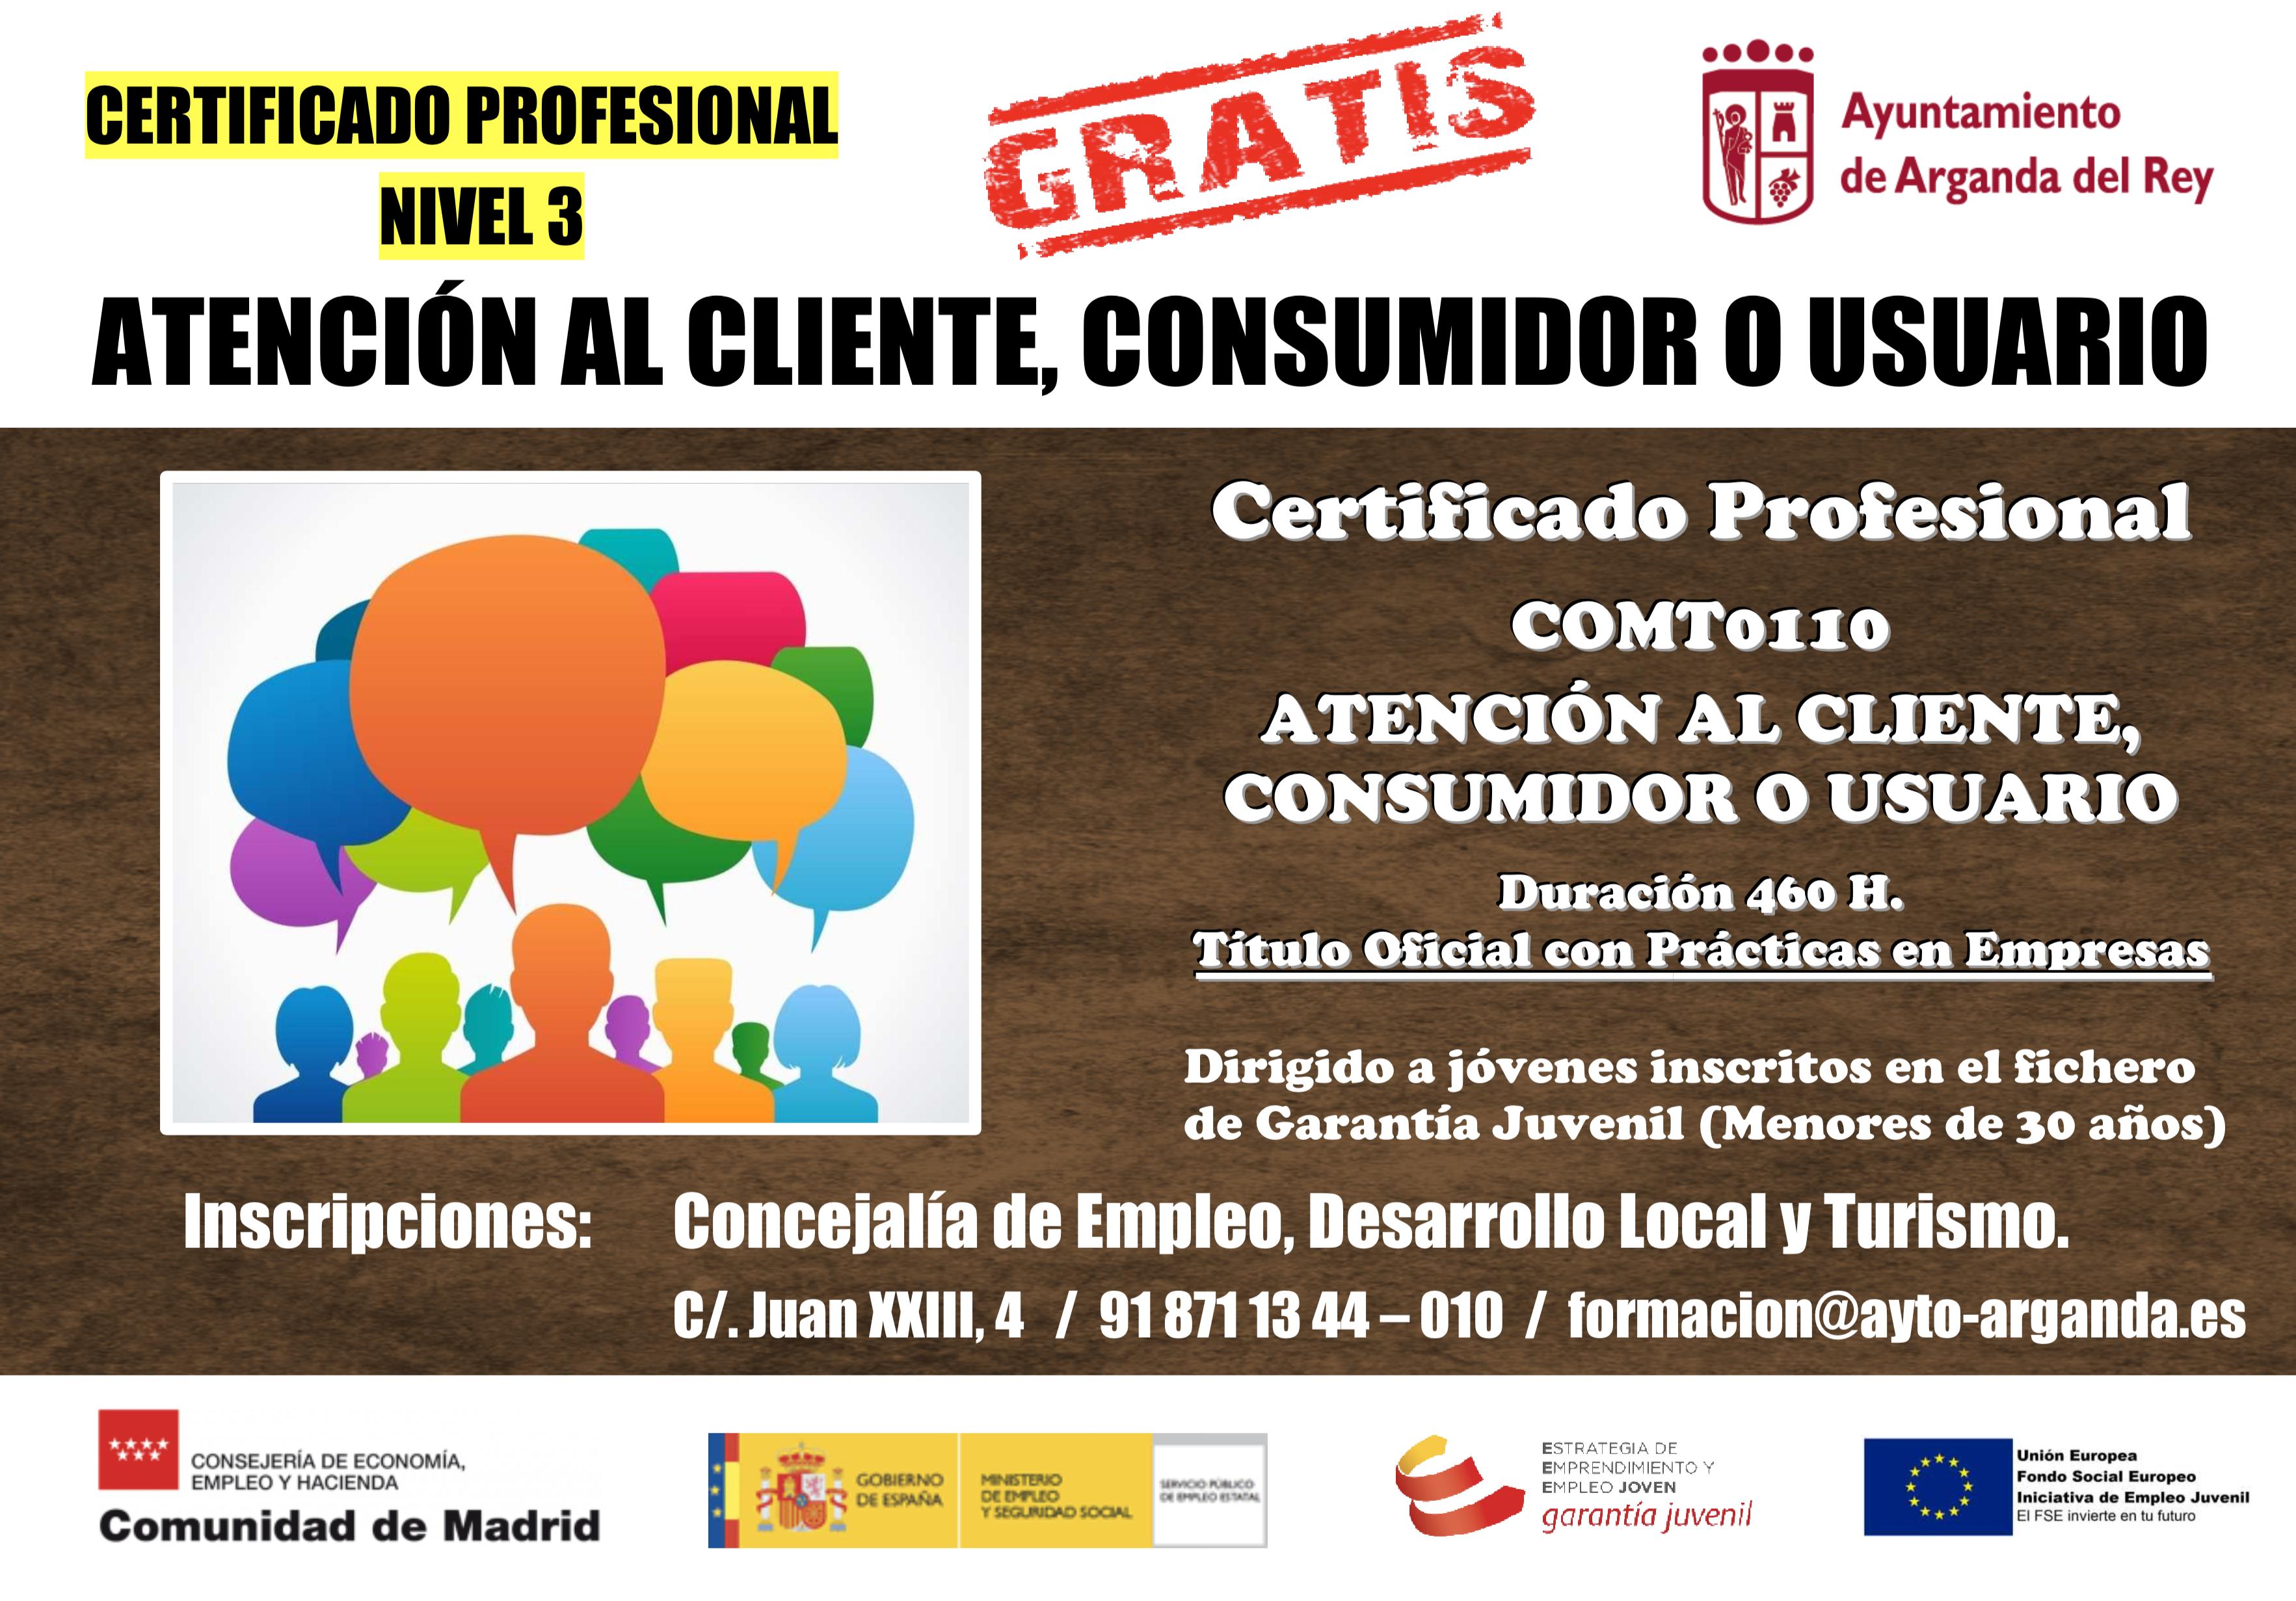 Cursos Certificados de Profesionalidad para jóvenes inscritos en el fichero nacional de Garantía Juvenil